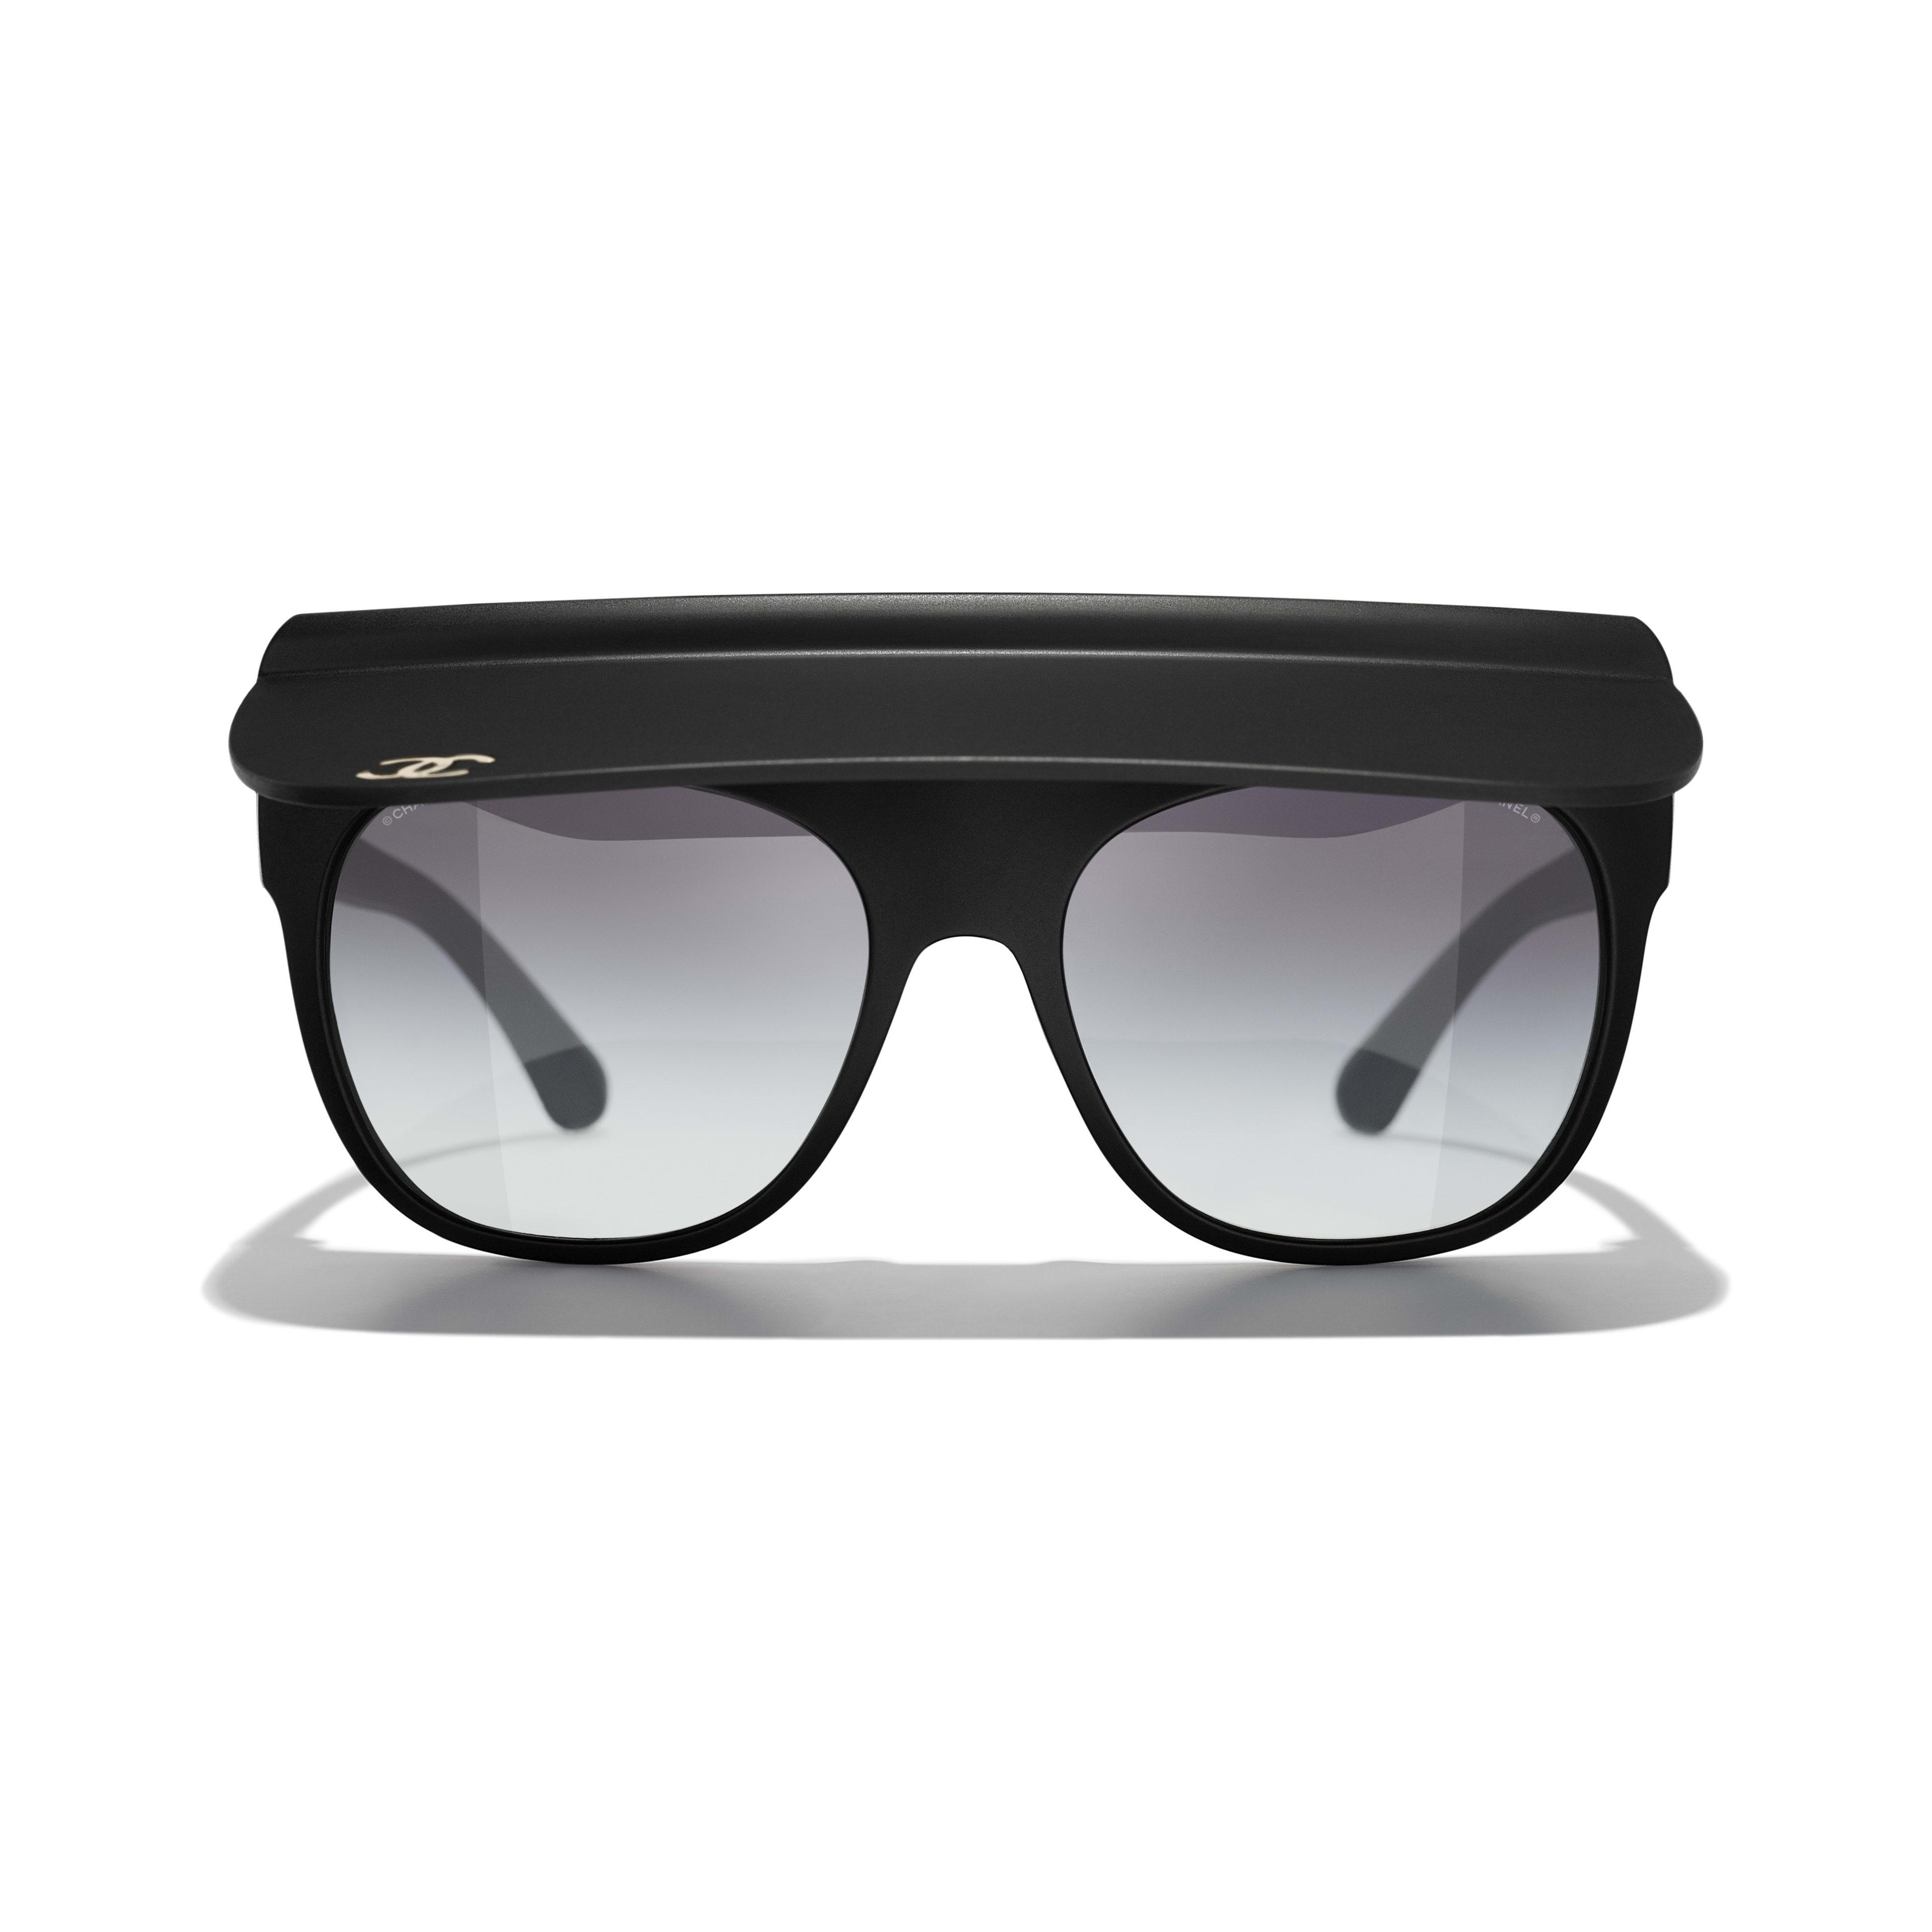 Visor Sunglasses - Zwart - Nylon - CHANEL - Alternatieve weergave - zie versie op standaardgrootte